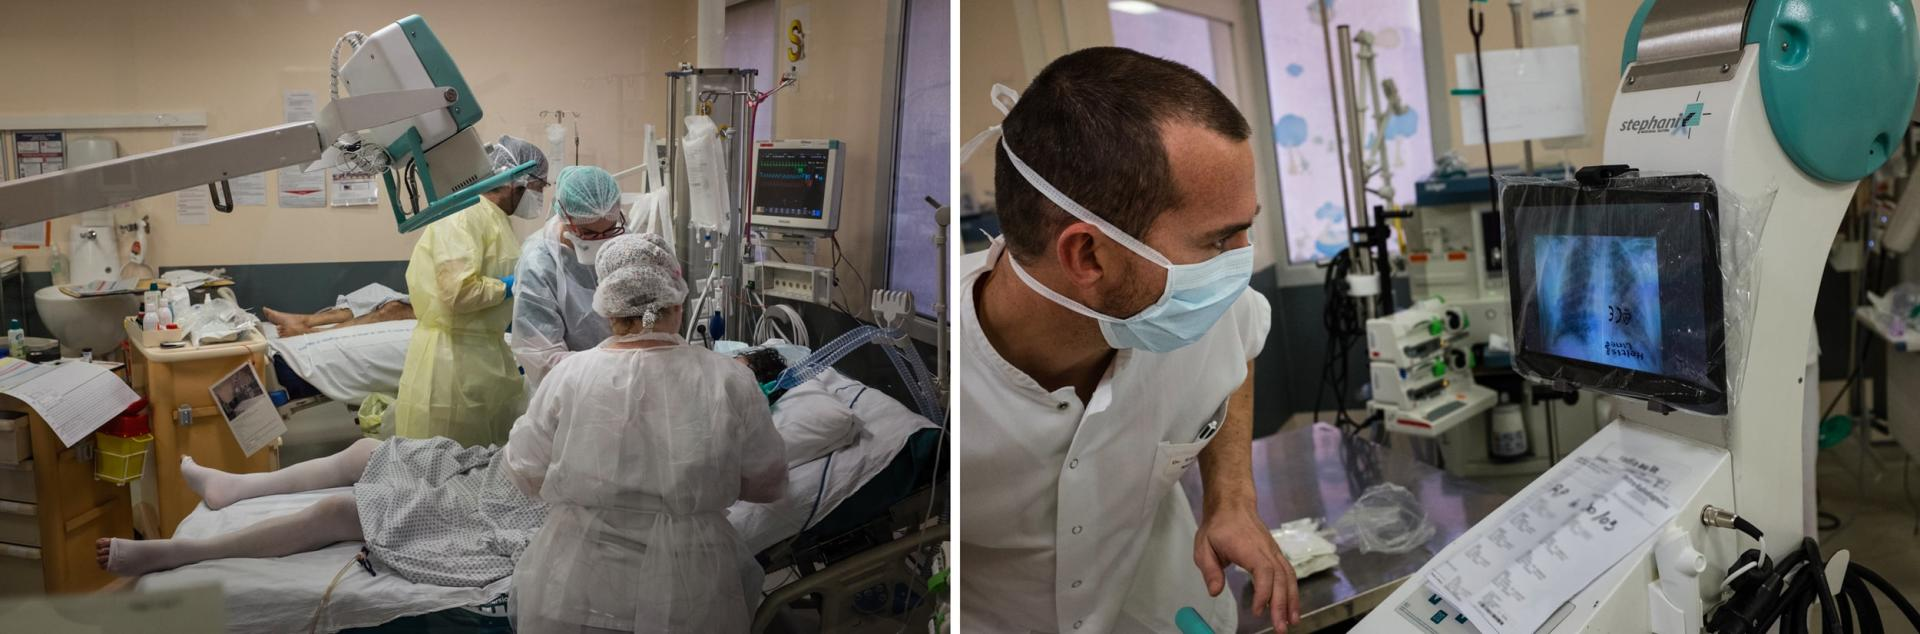 Une radiographie pulmonaire est effectuée au sein même de l'unité. Elle est immédiatement interprétée par Etienne, médecin-réanimateur.